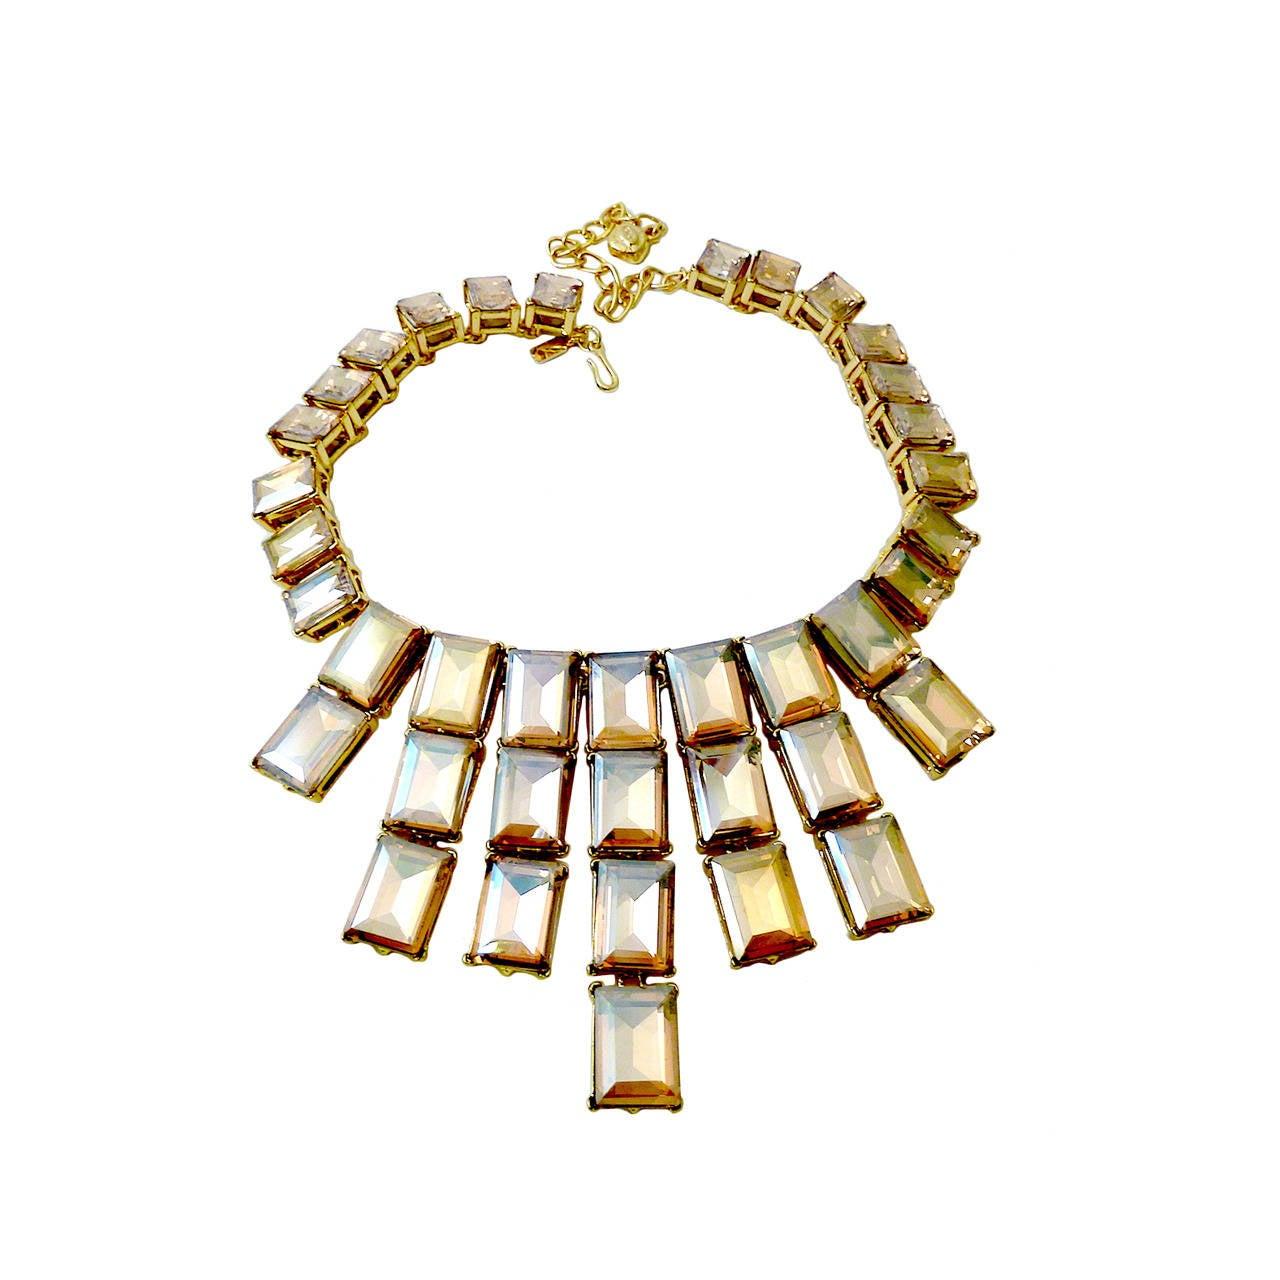 Kenneth J. Lane Citrine Crystal Necklace For Sale